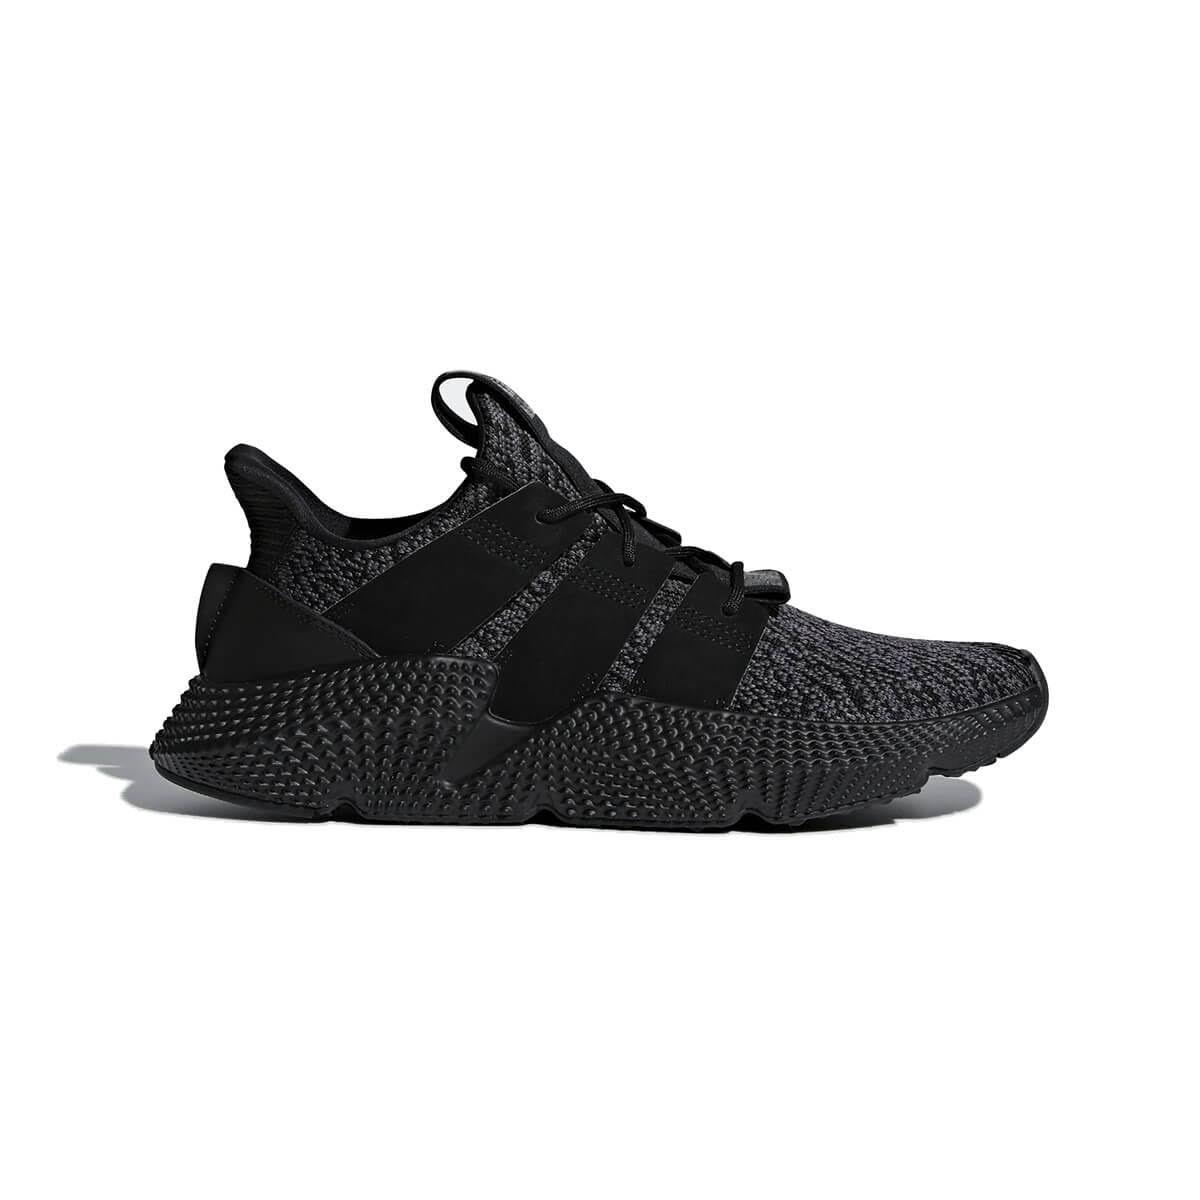 Adidas Men's Shoes Prophere Black Grey size 9.5